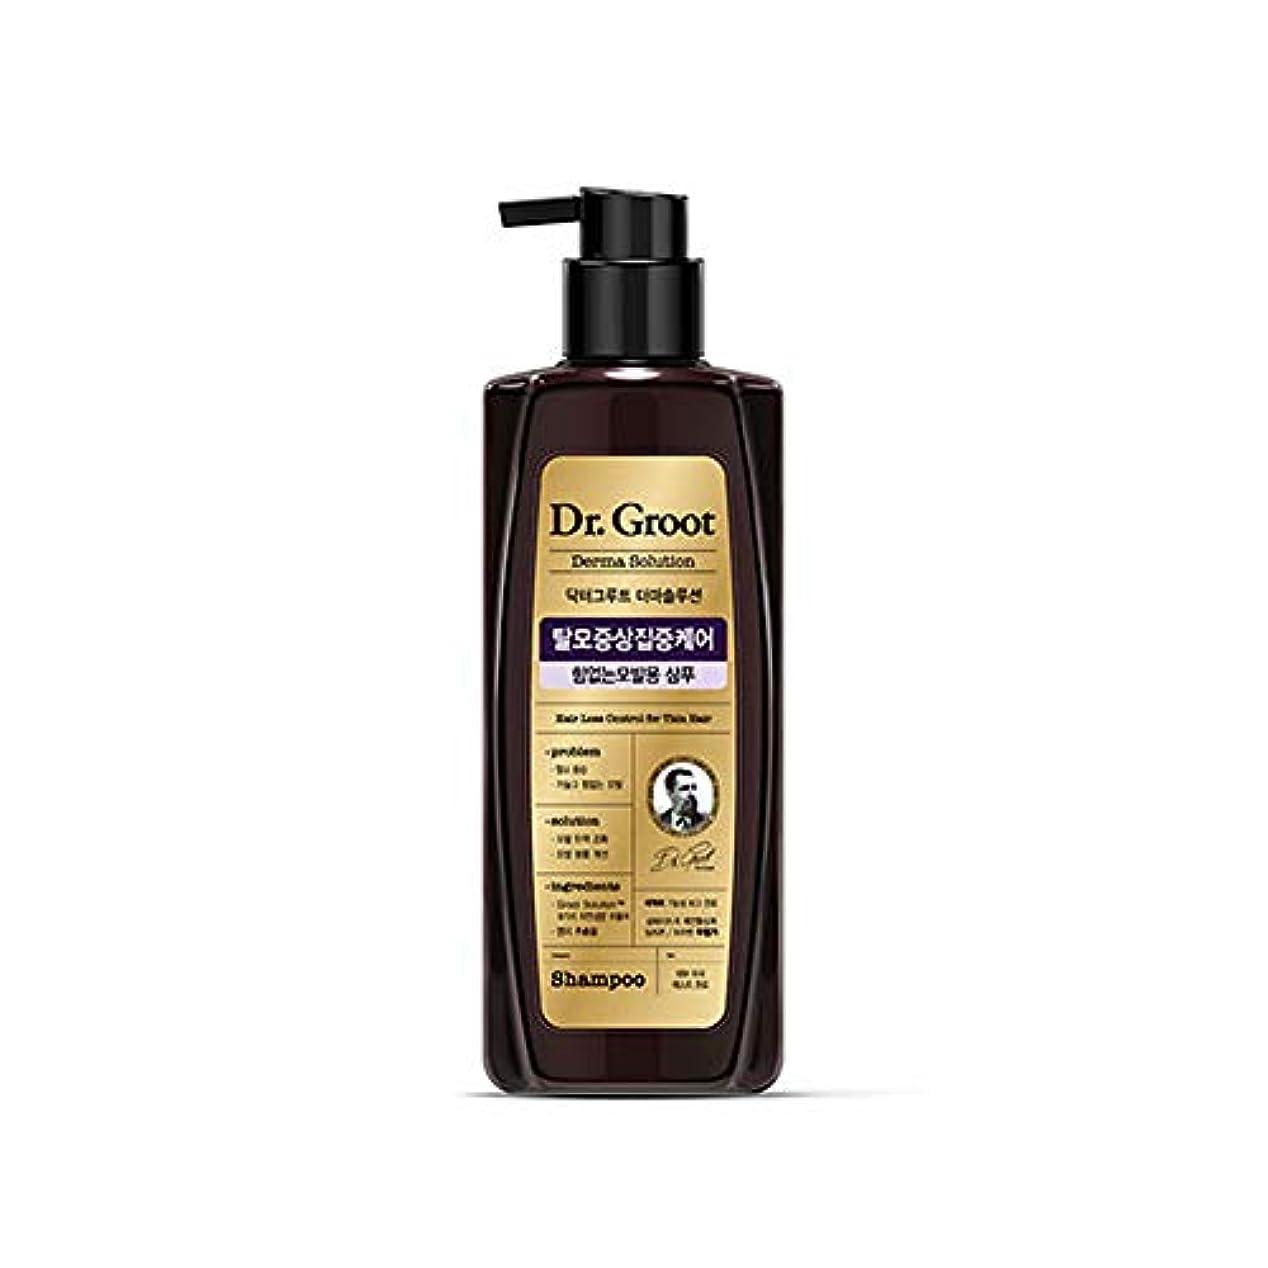 ブラシドアミラーケイ素【Dr.Groot】 ドクターグルート Dr.グルート 脱毛防止シャンプー 弱い髪質用(Anti Hair Loss Shampoo -For weak hair-)